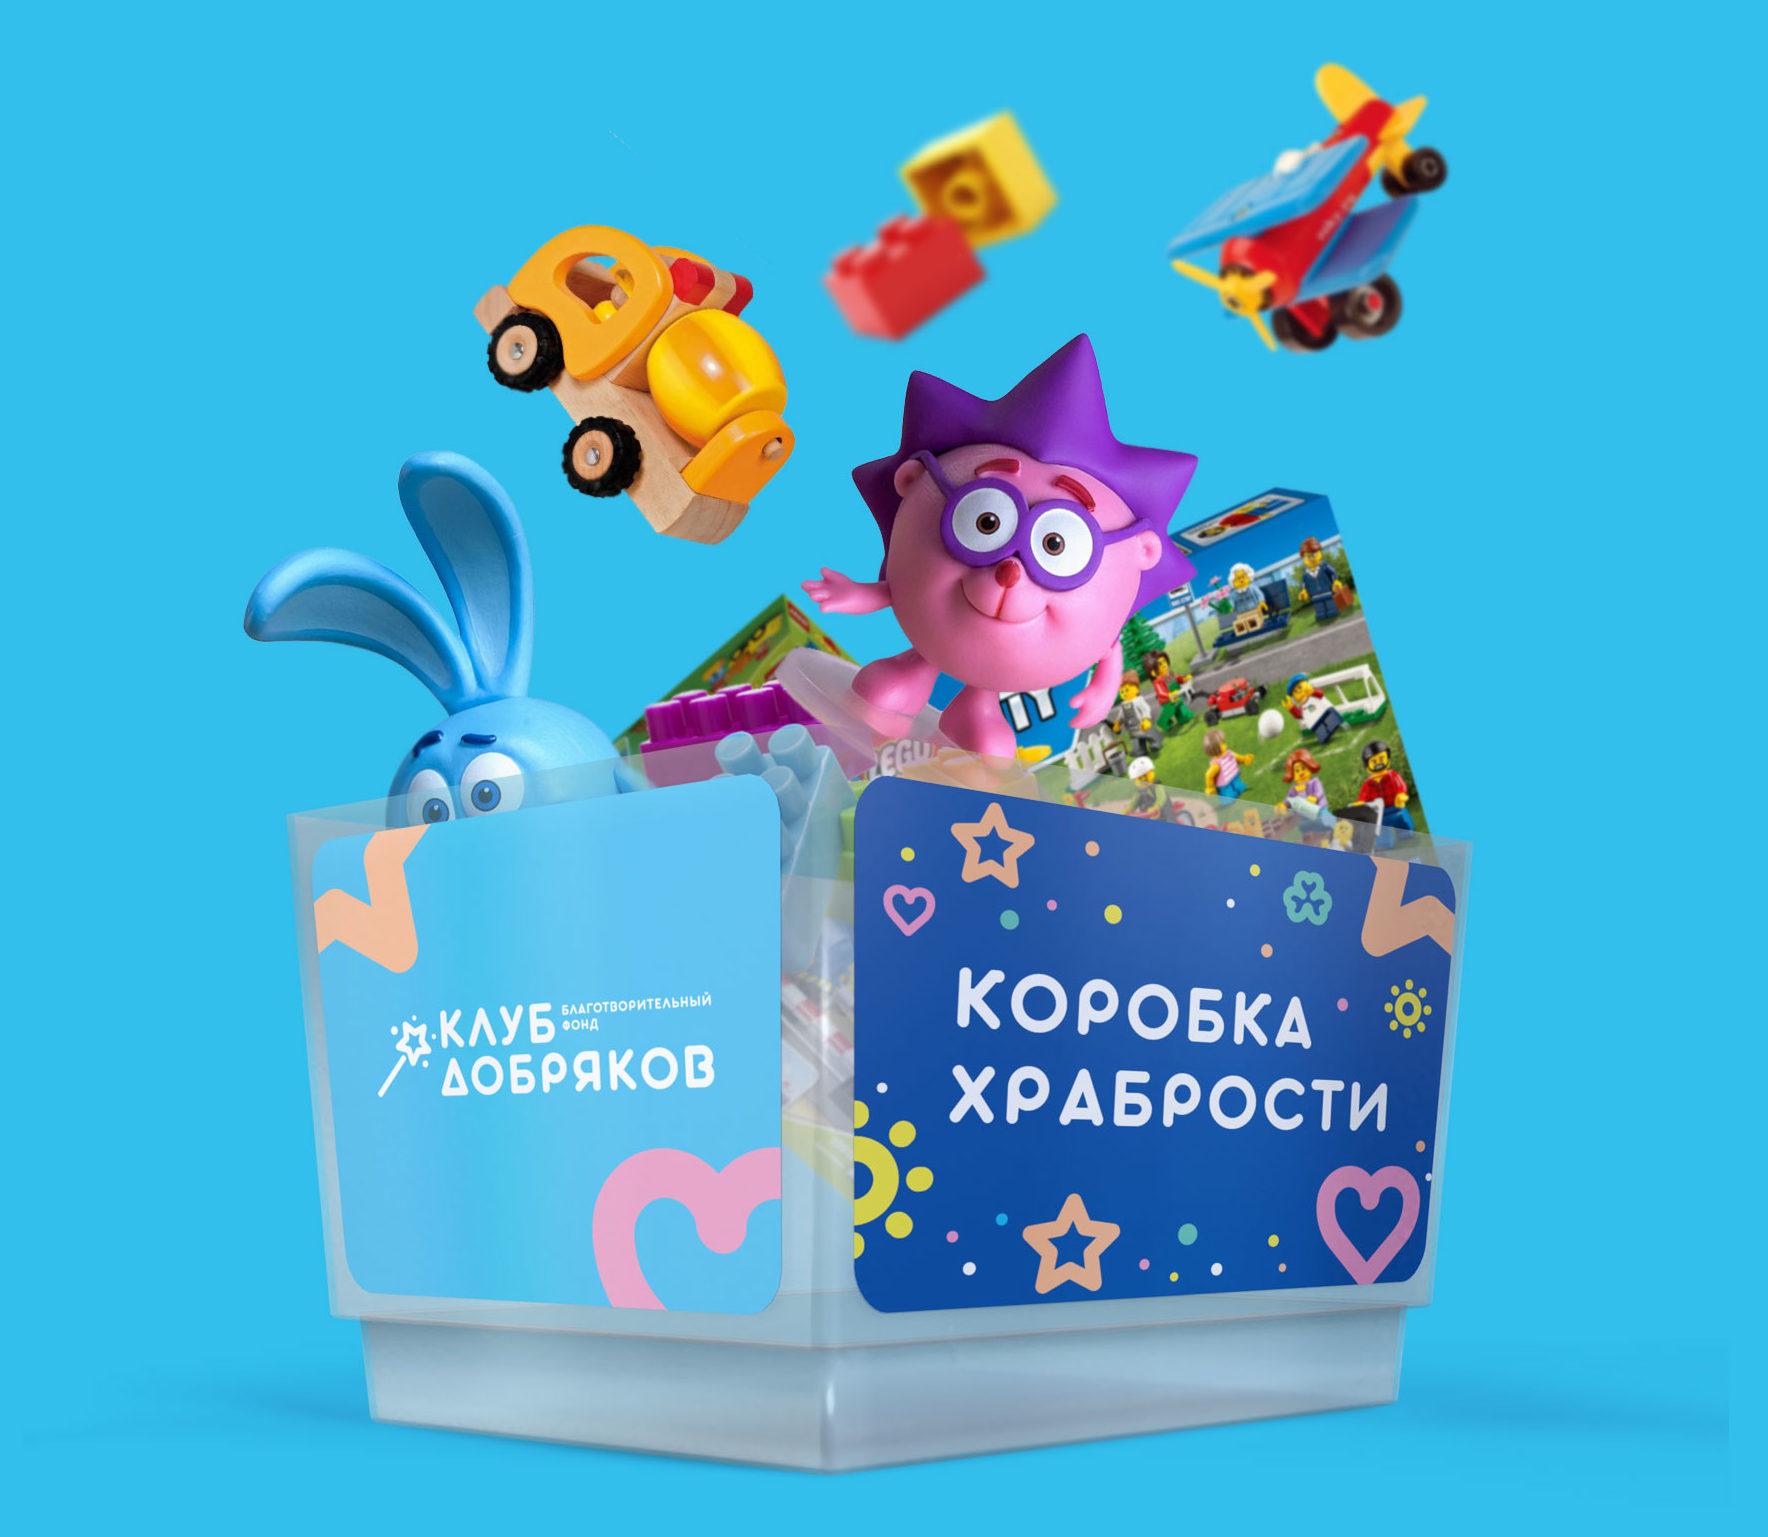 клуб добряков официальный сайт москва благотворительный фонд